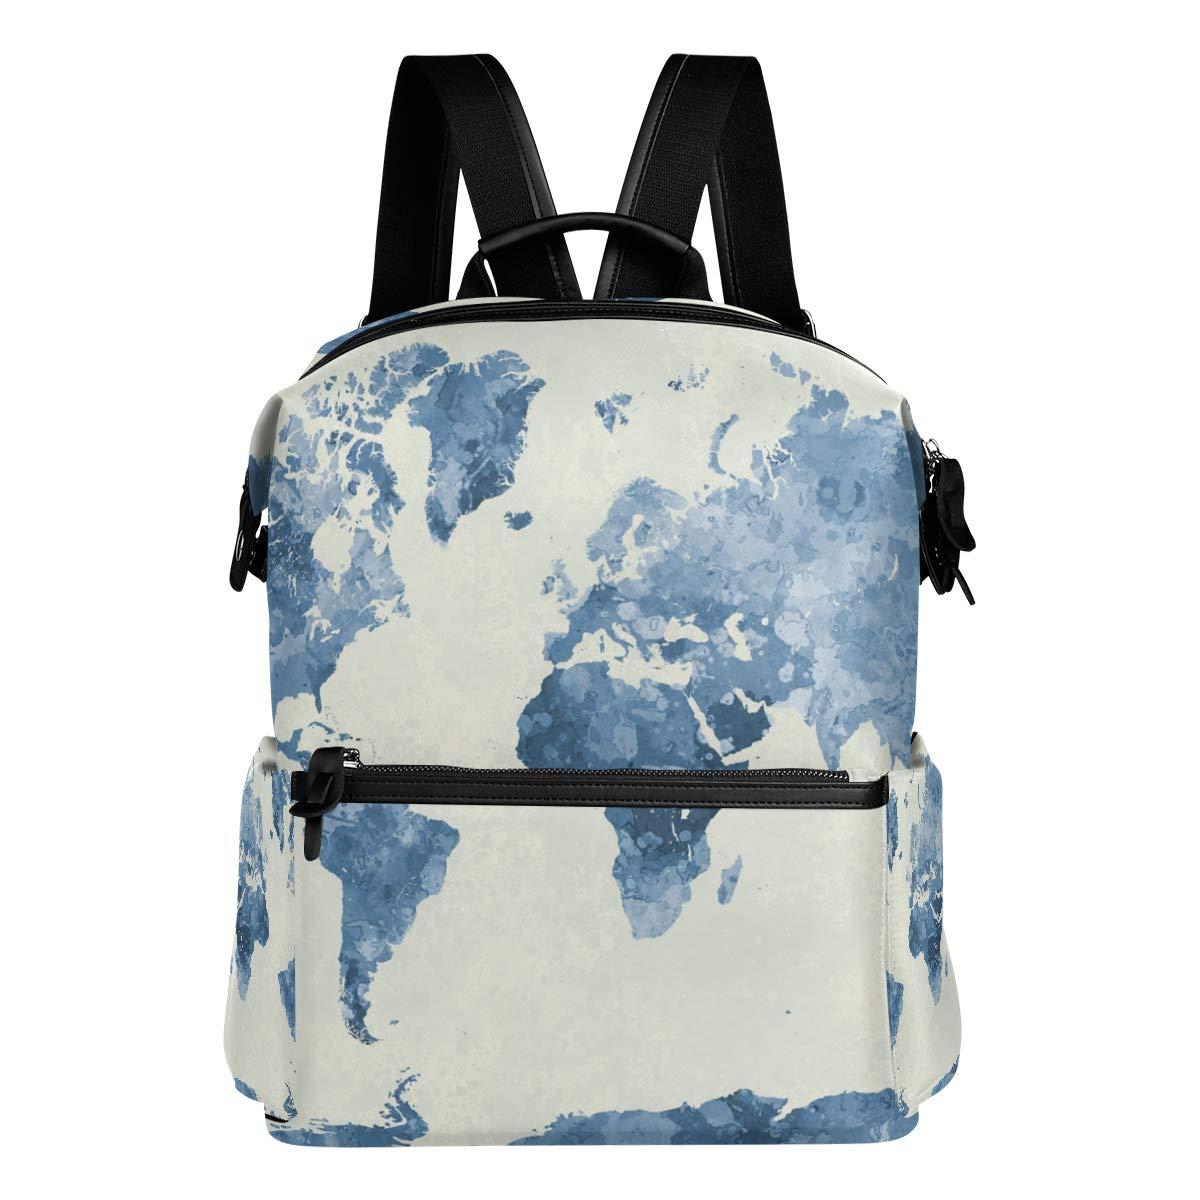 FAJRO - Zaino da viaggio con mappa del mondo, colore  blu acquerello